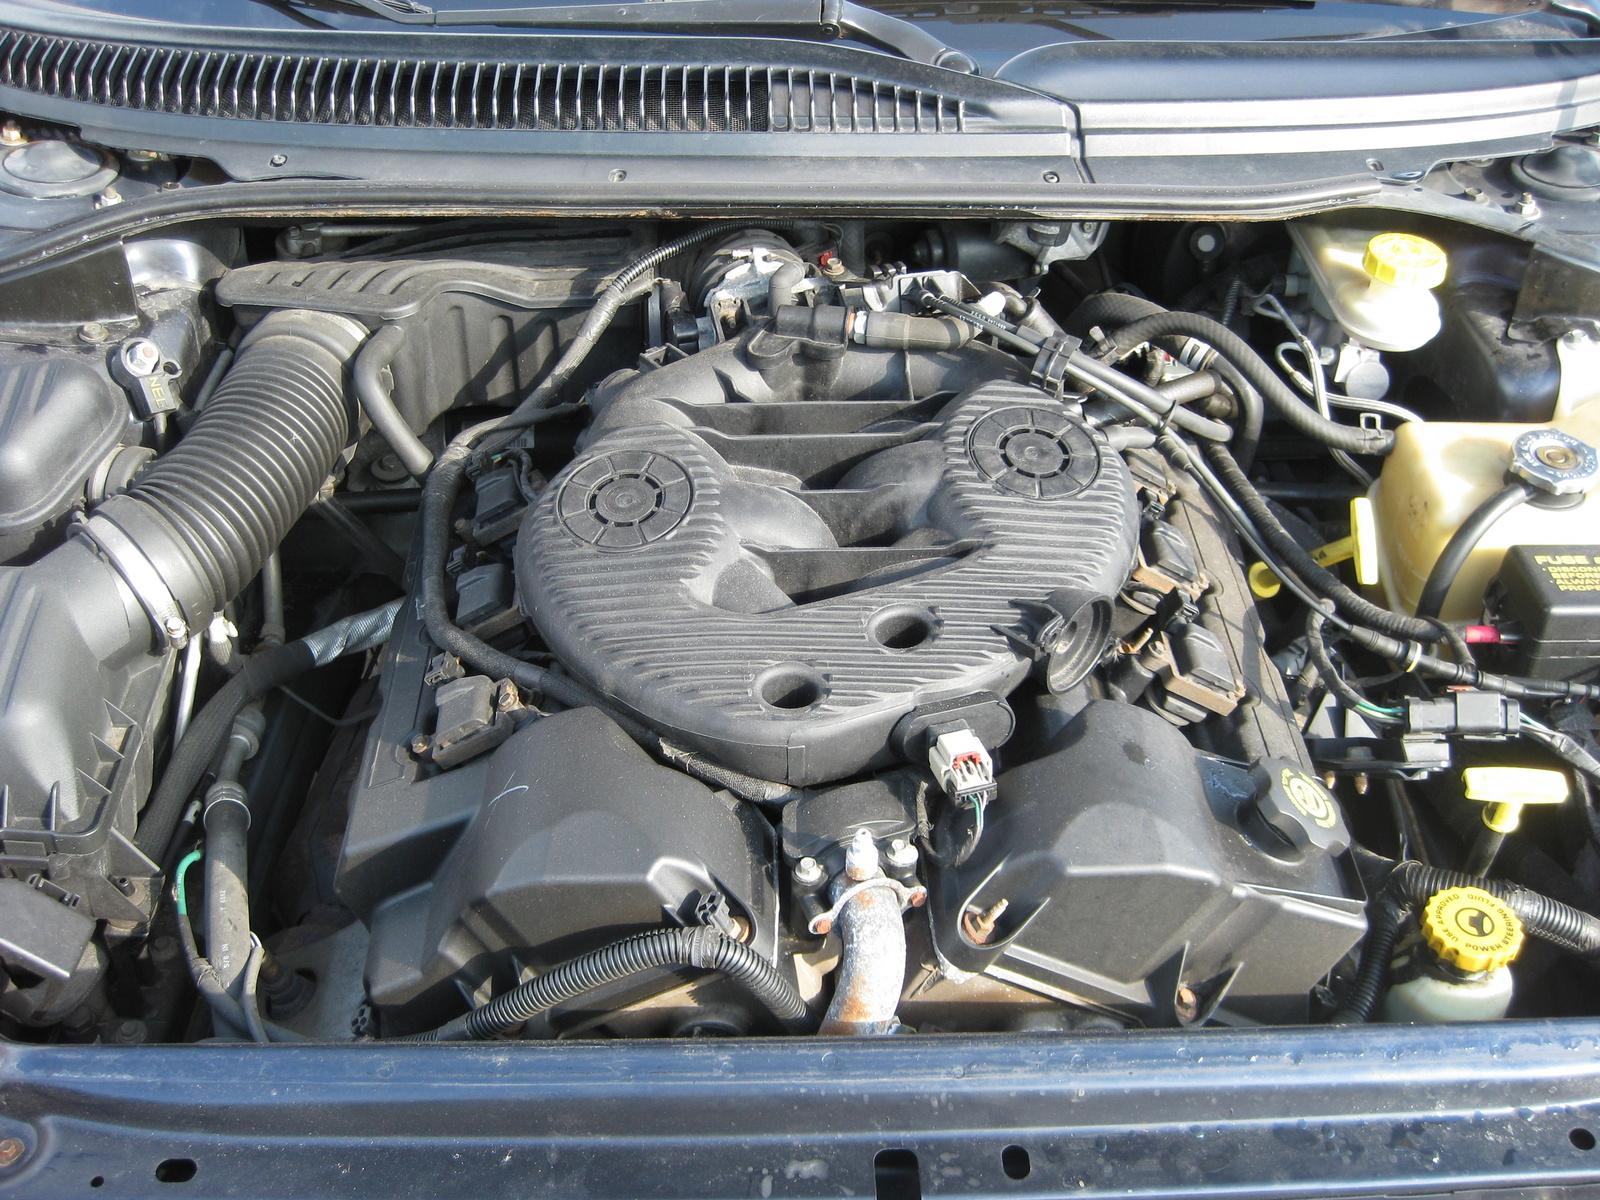 2002 Dodge Intrepid - Pictures - CarGurus